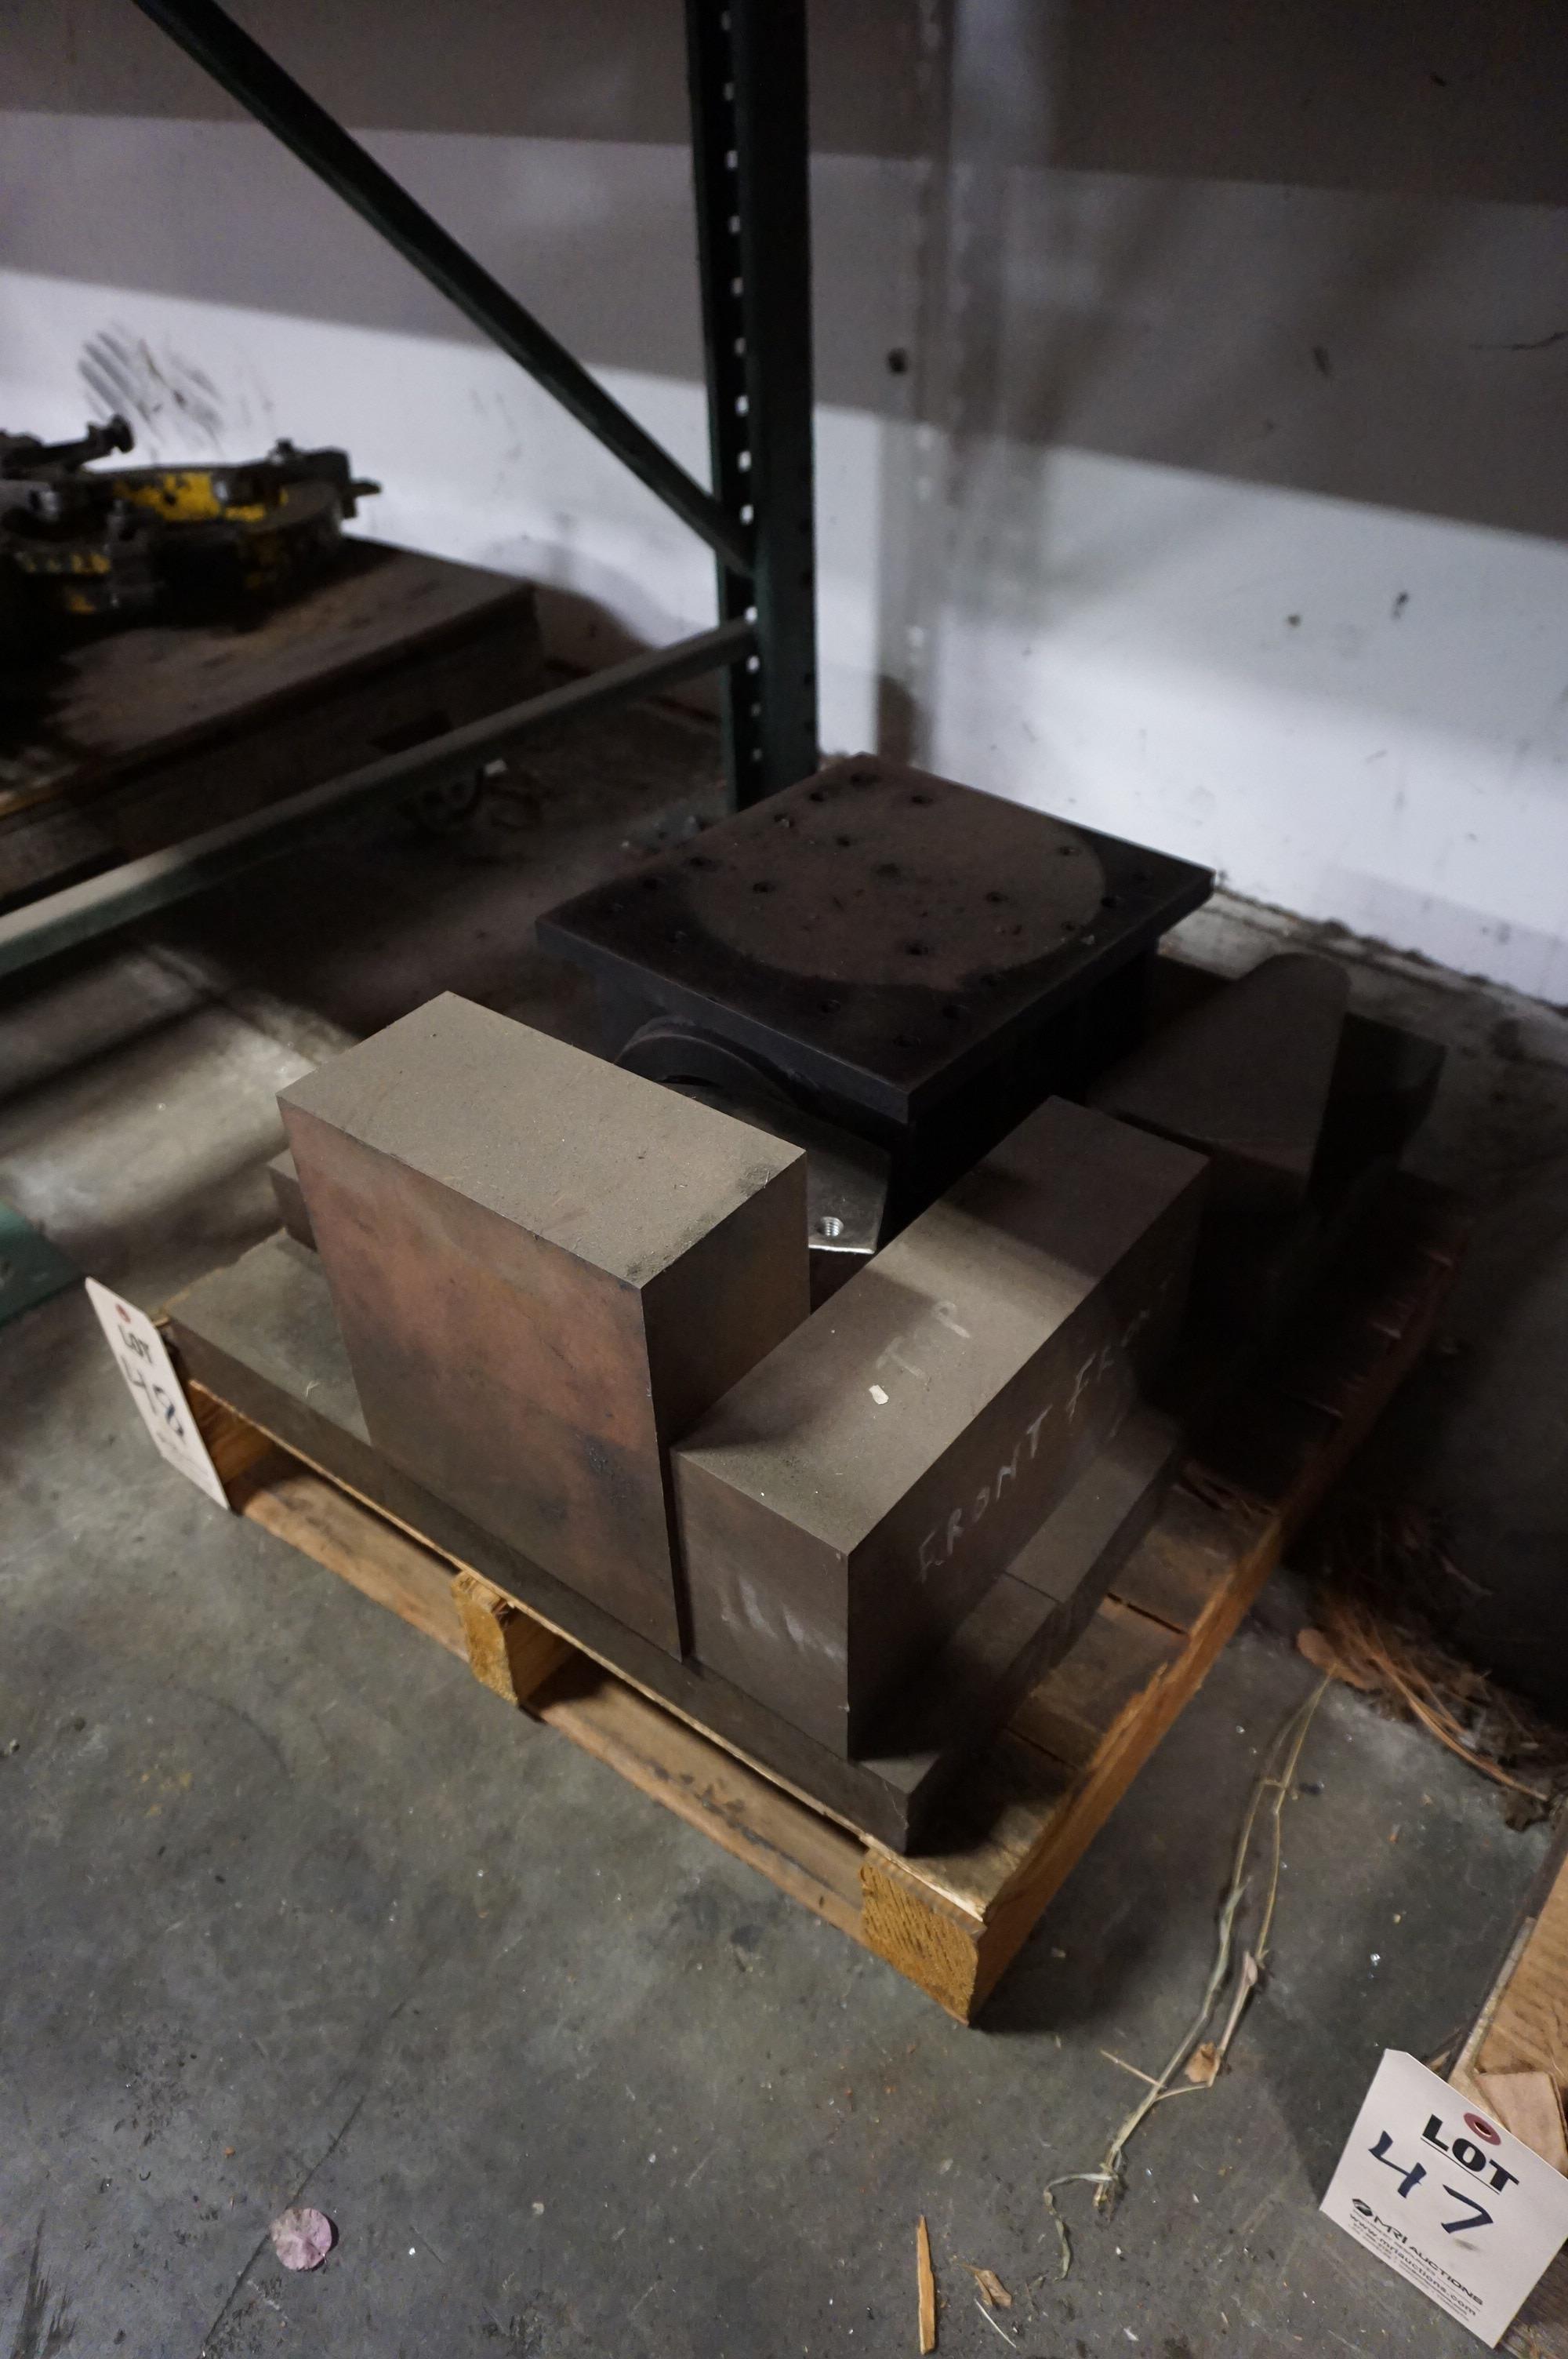 TILT TABLE AND MISC. STEEL BLOCK FIXTURES - Image 2 of 2